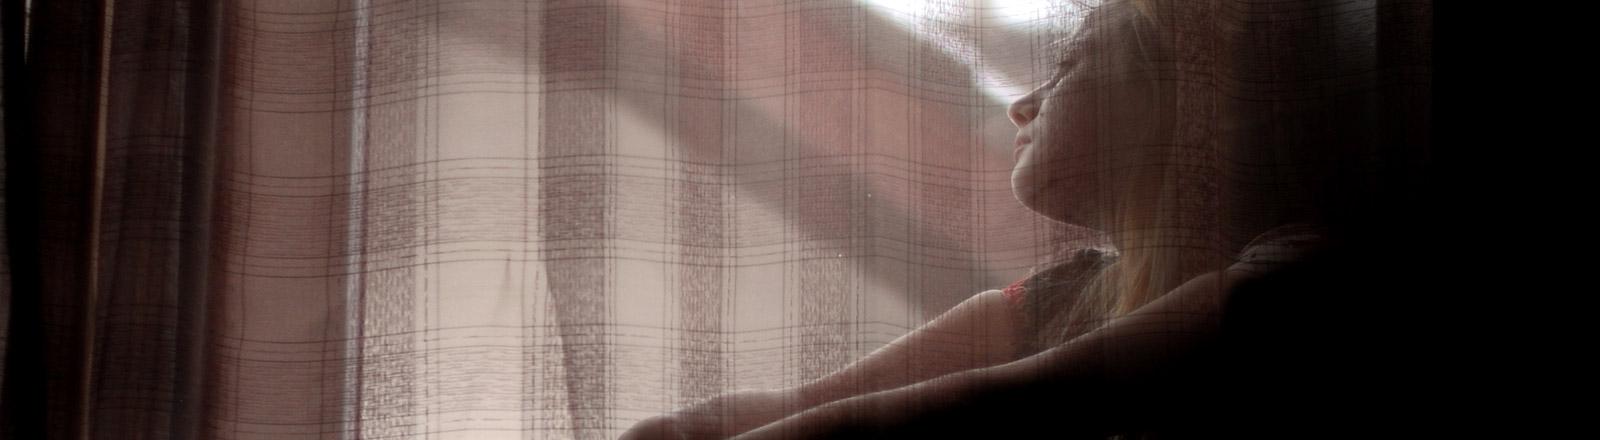 Eine junge Frau sitzt von einem Fenster